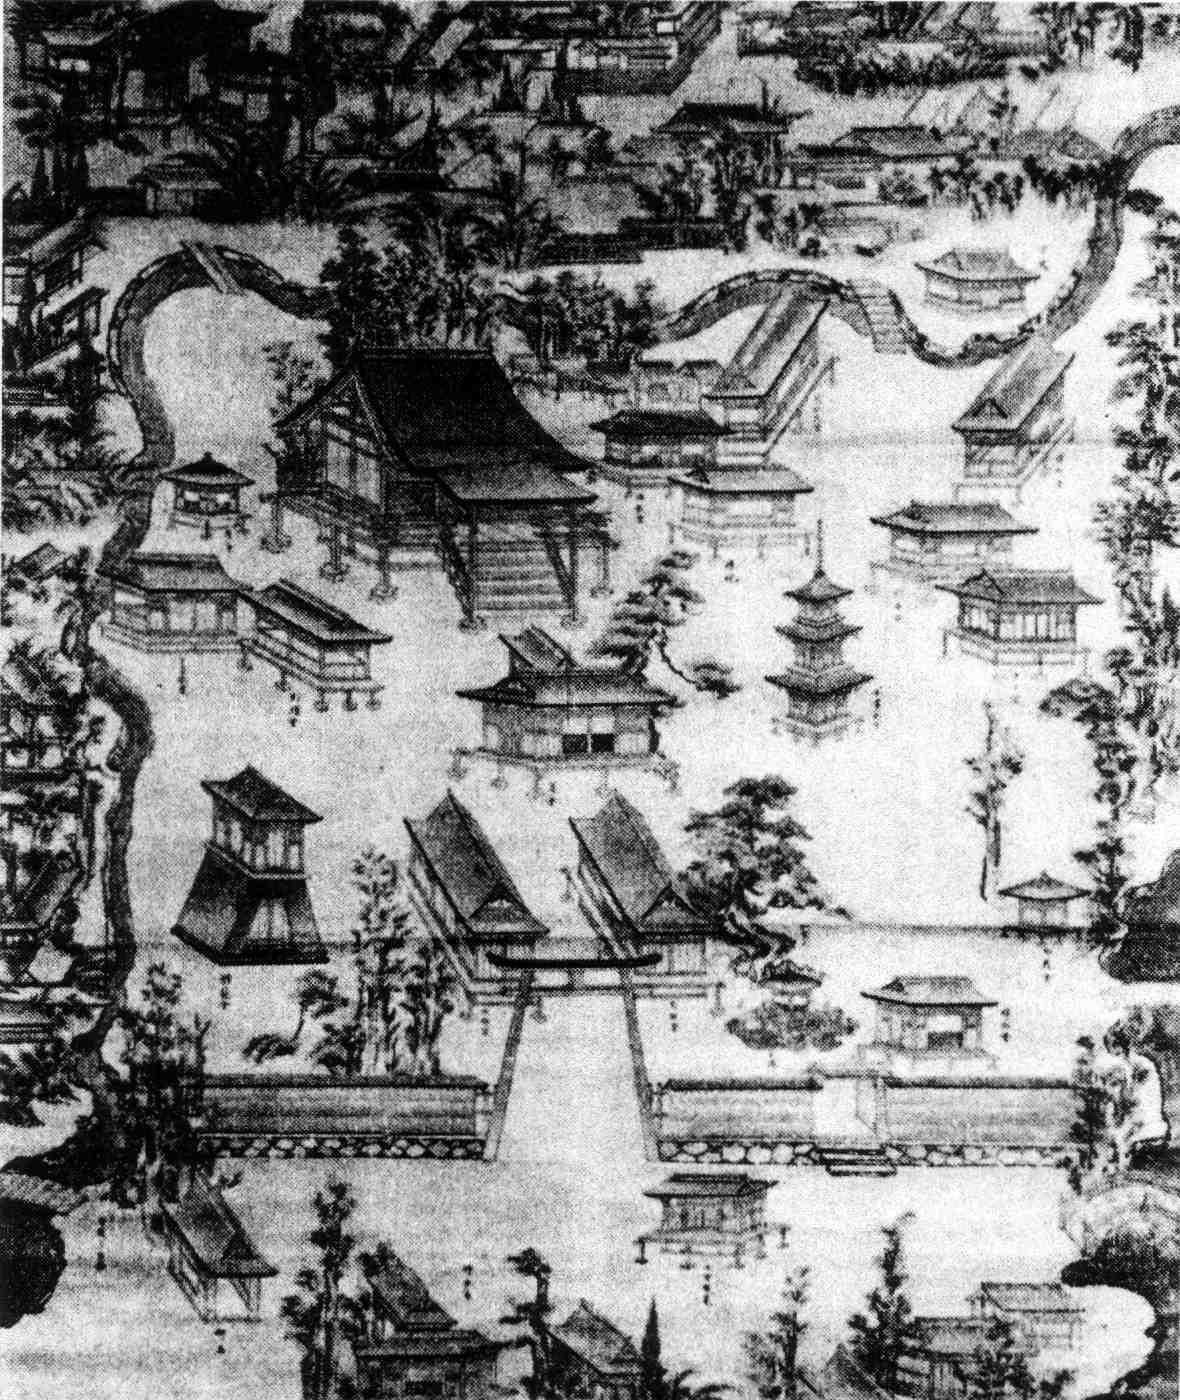 長浜八幡宮古絵図